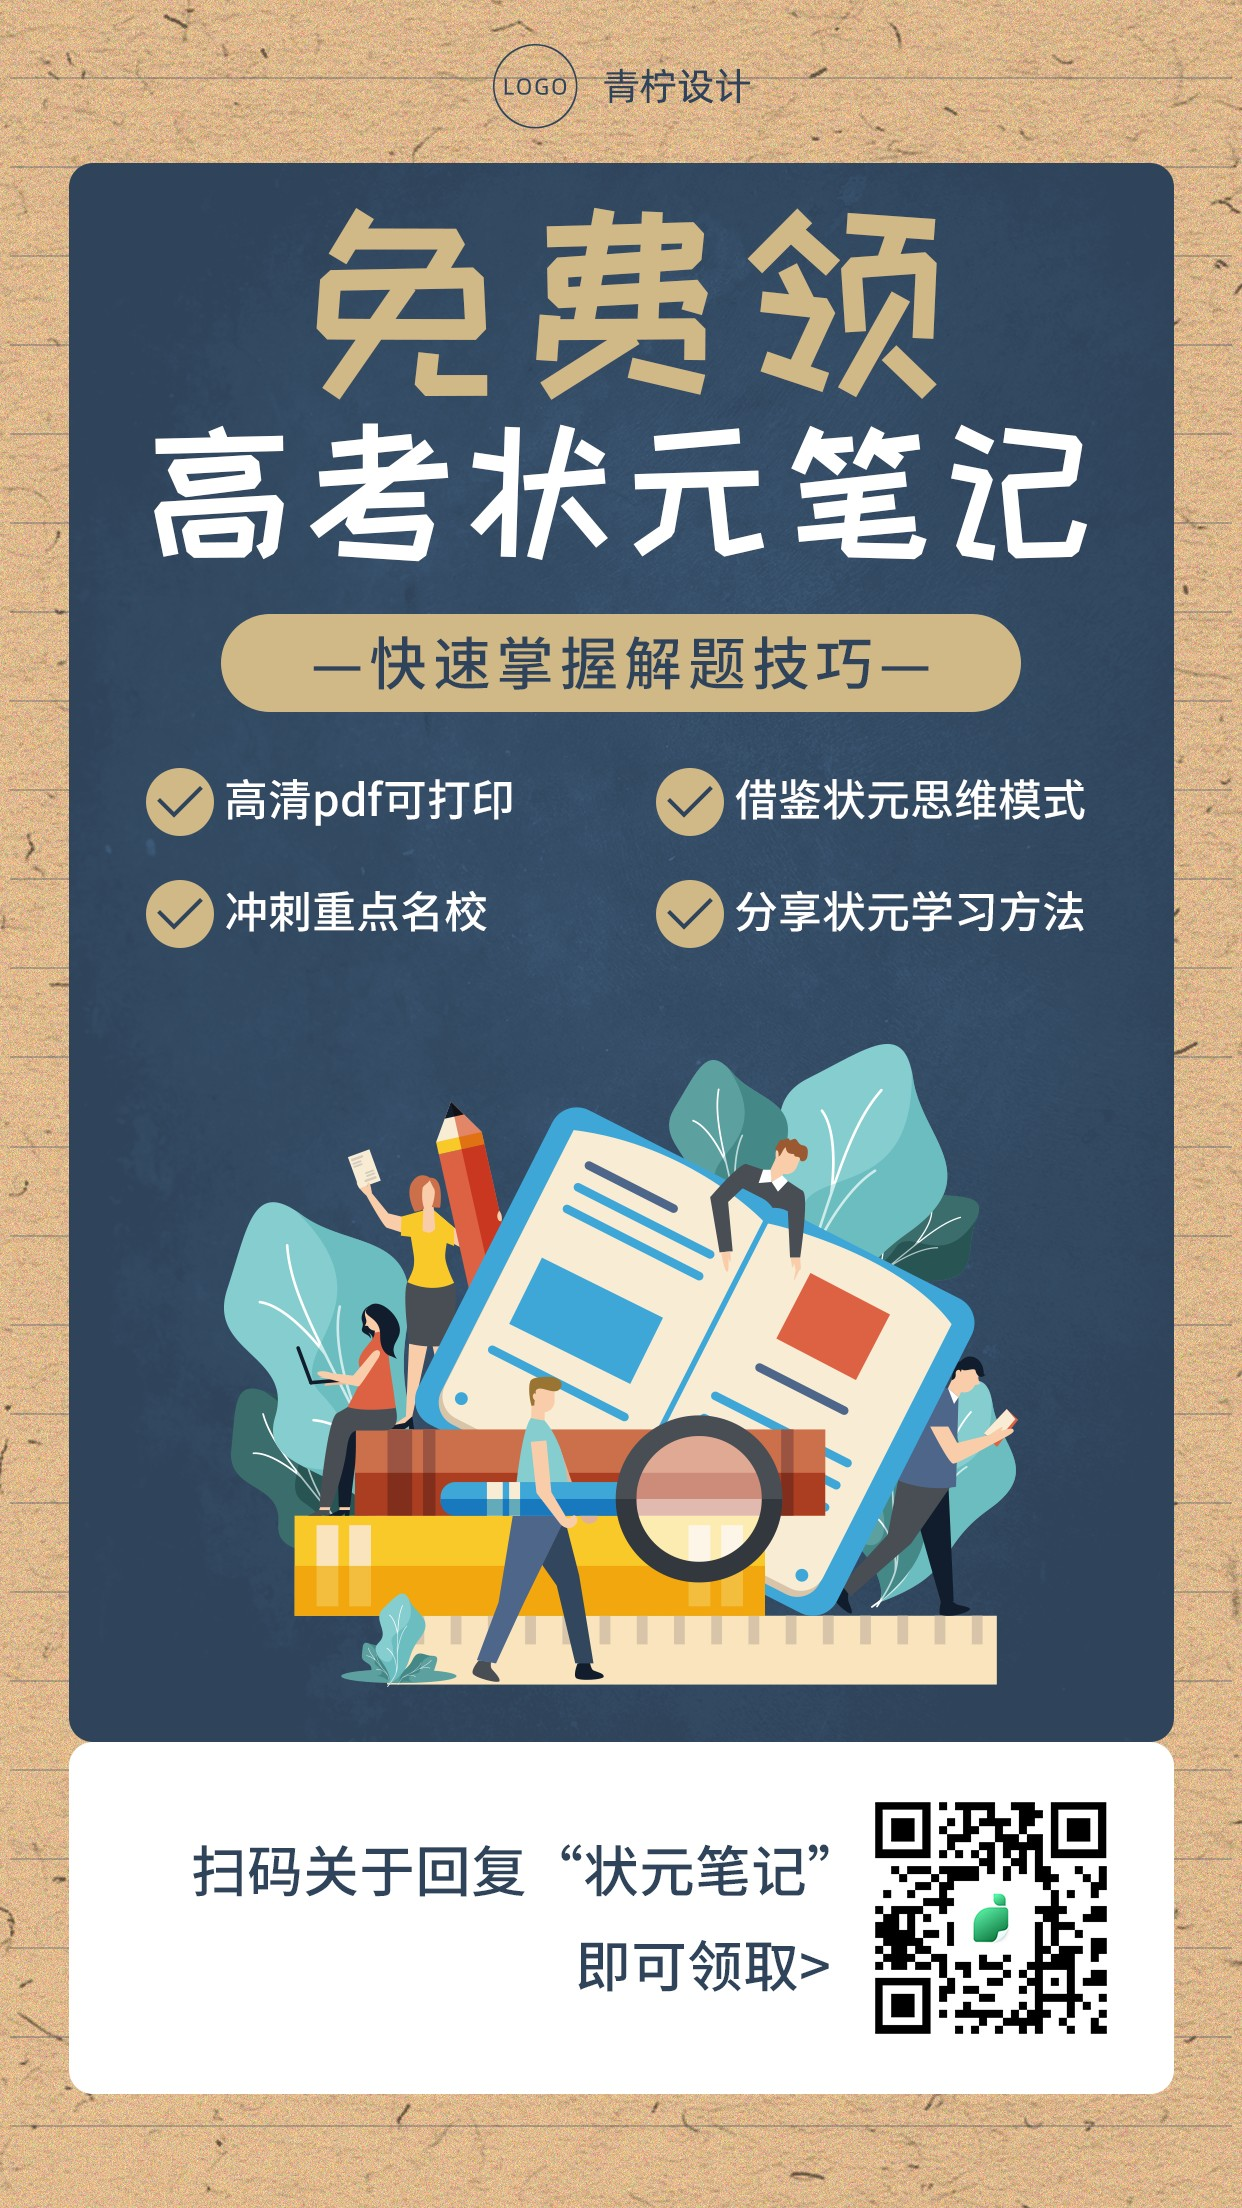 扁平教育培训高考状元笔记手机海报